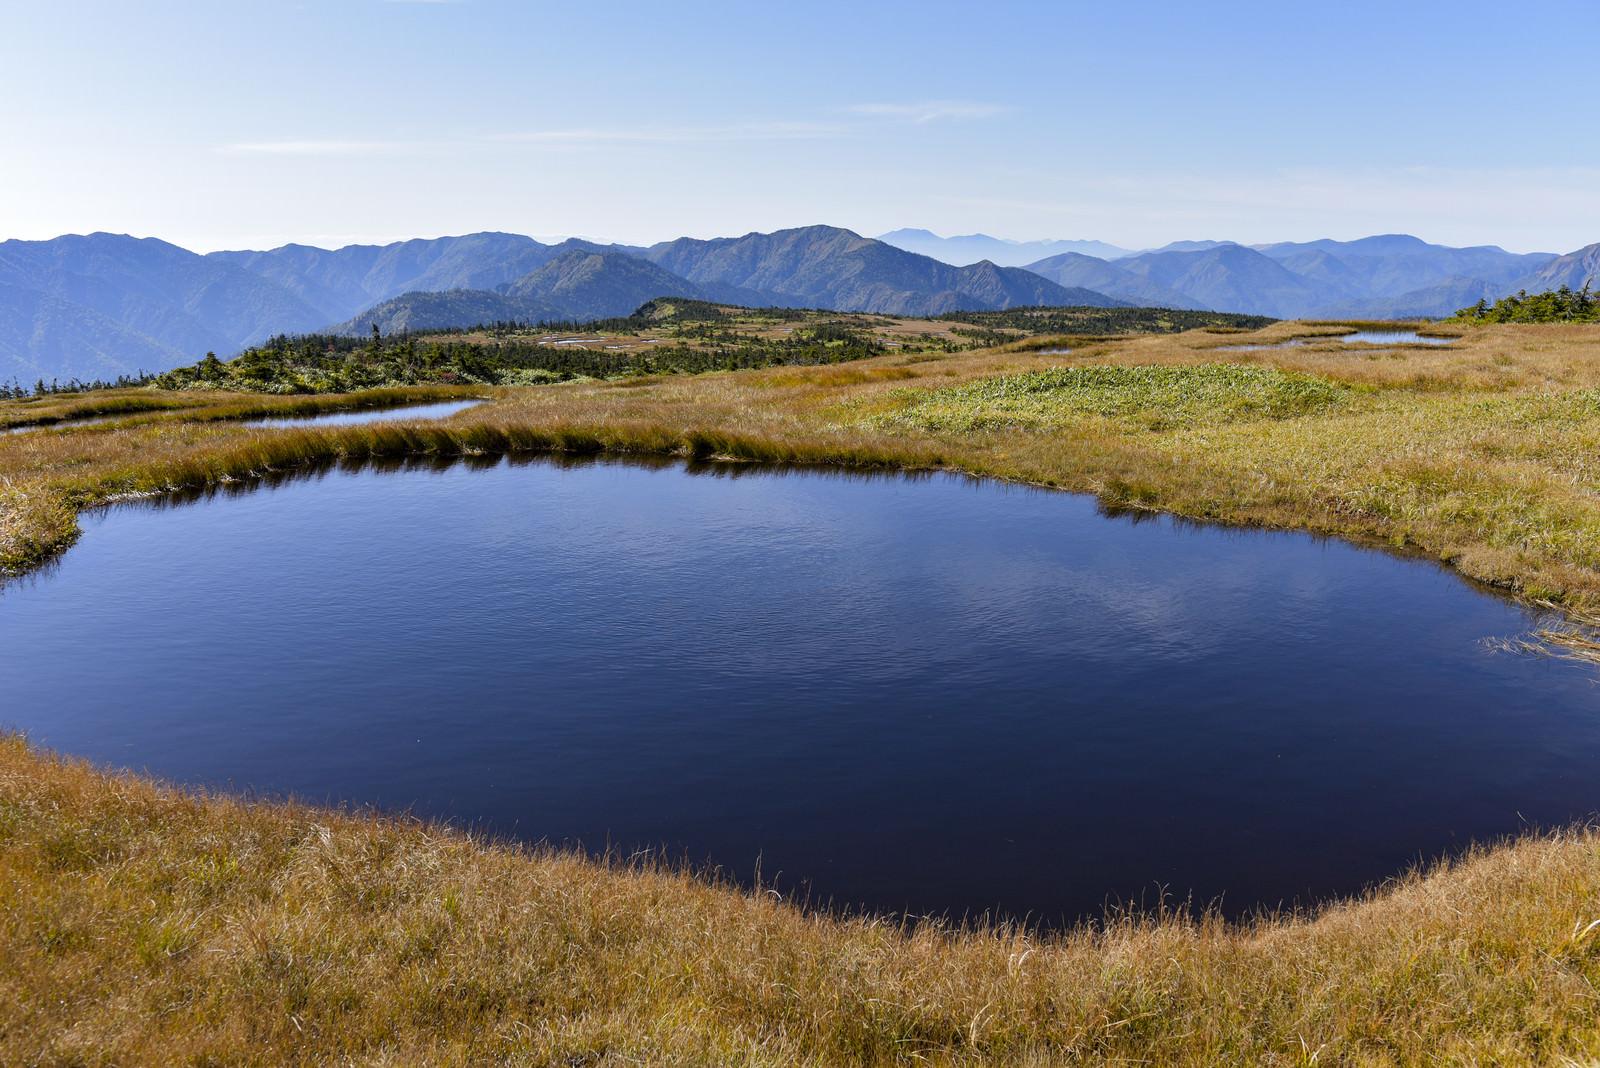 「苗場山山頂の巨大な池塘」の写真